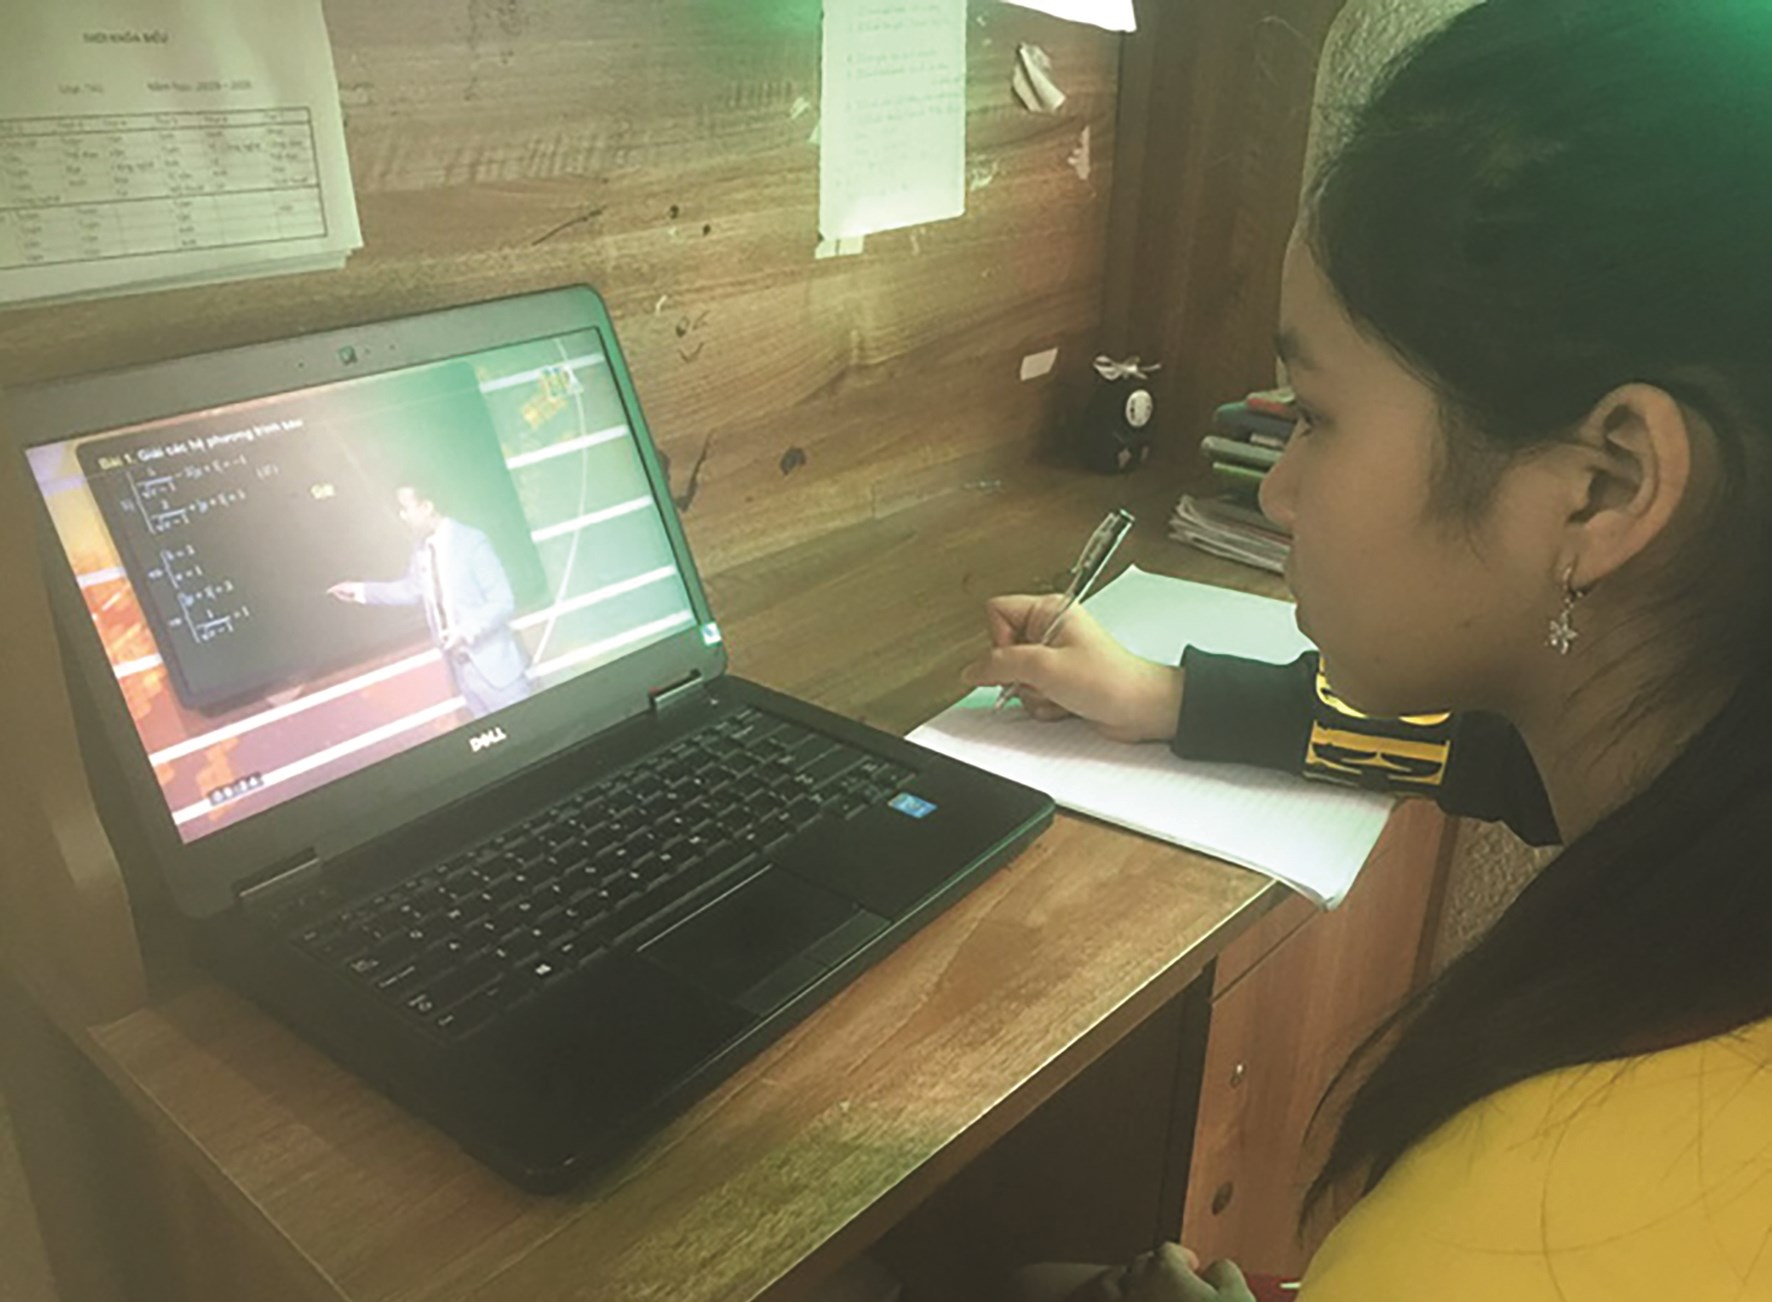 Nhiều khó khăn cho học sinh học vùng DTTS học trên truyền hình trong mùa dịch Covid-19 (Ảnh: nguồn internet)